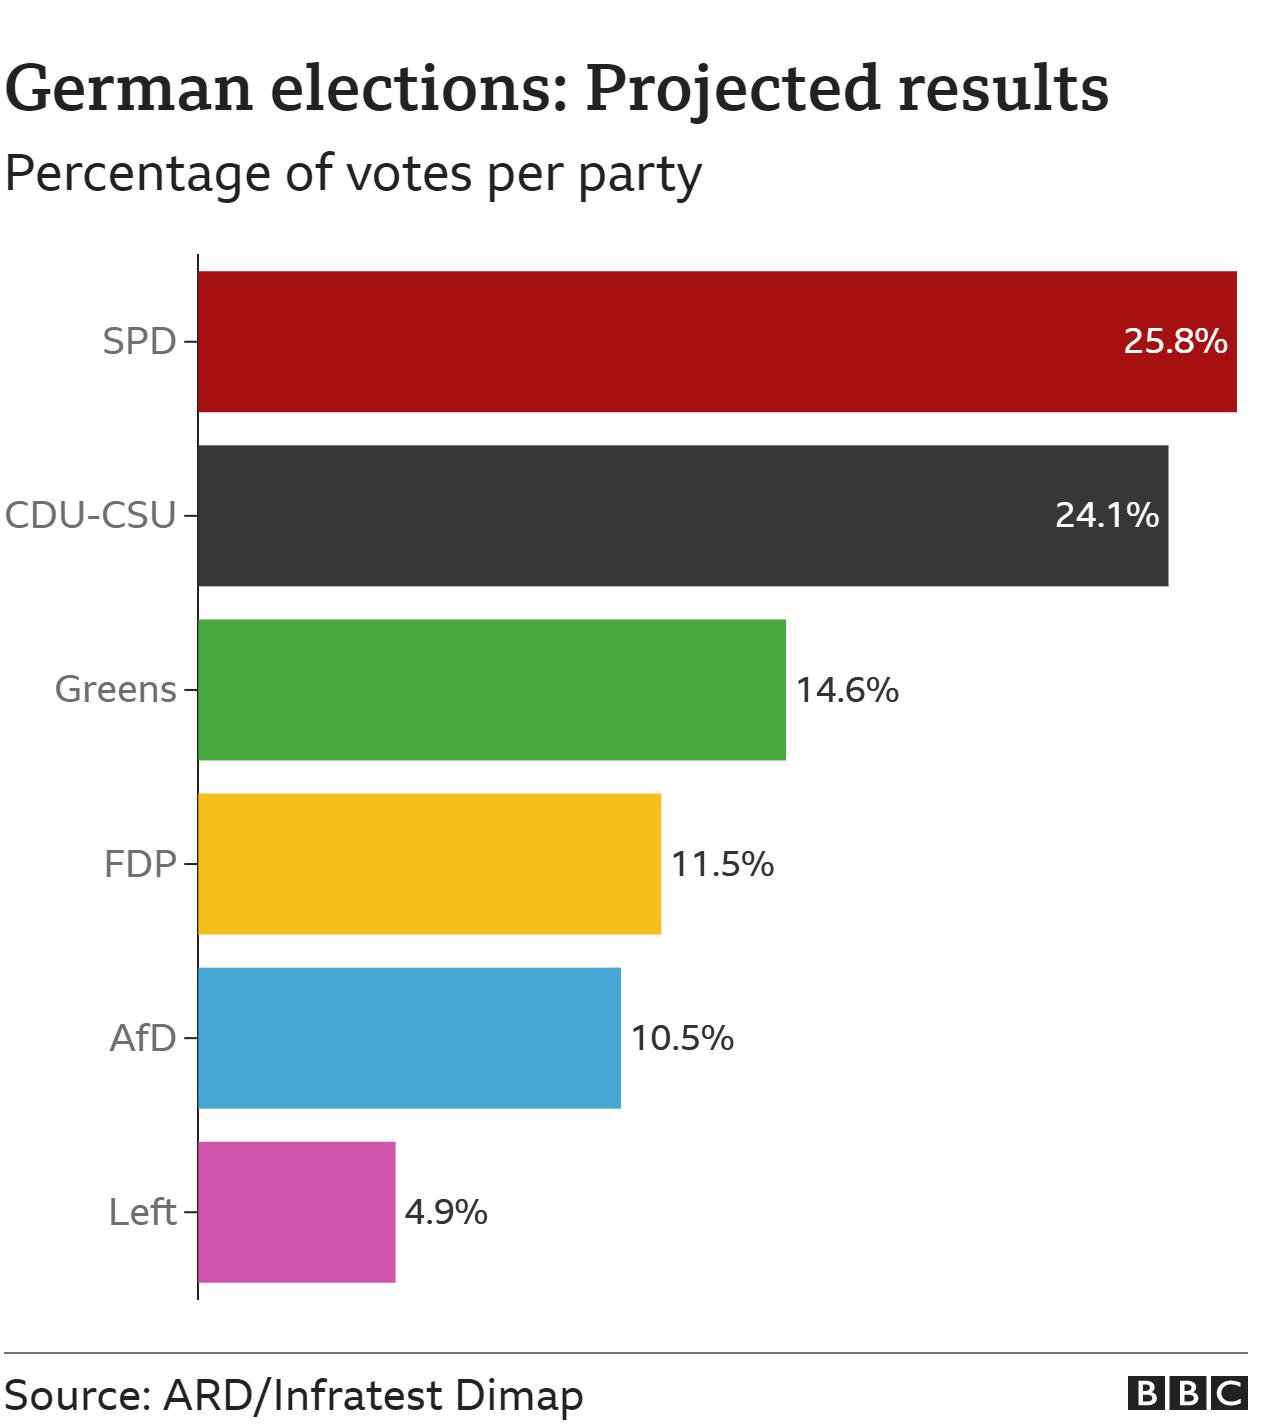 Dự đoán kết quả bầu cử Đức (việc kiểm phiếu vẫn chưa kết thúc) - Nguồn: ARD/Infratest Dimap